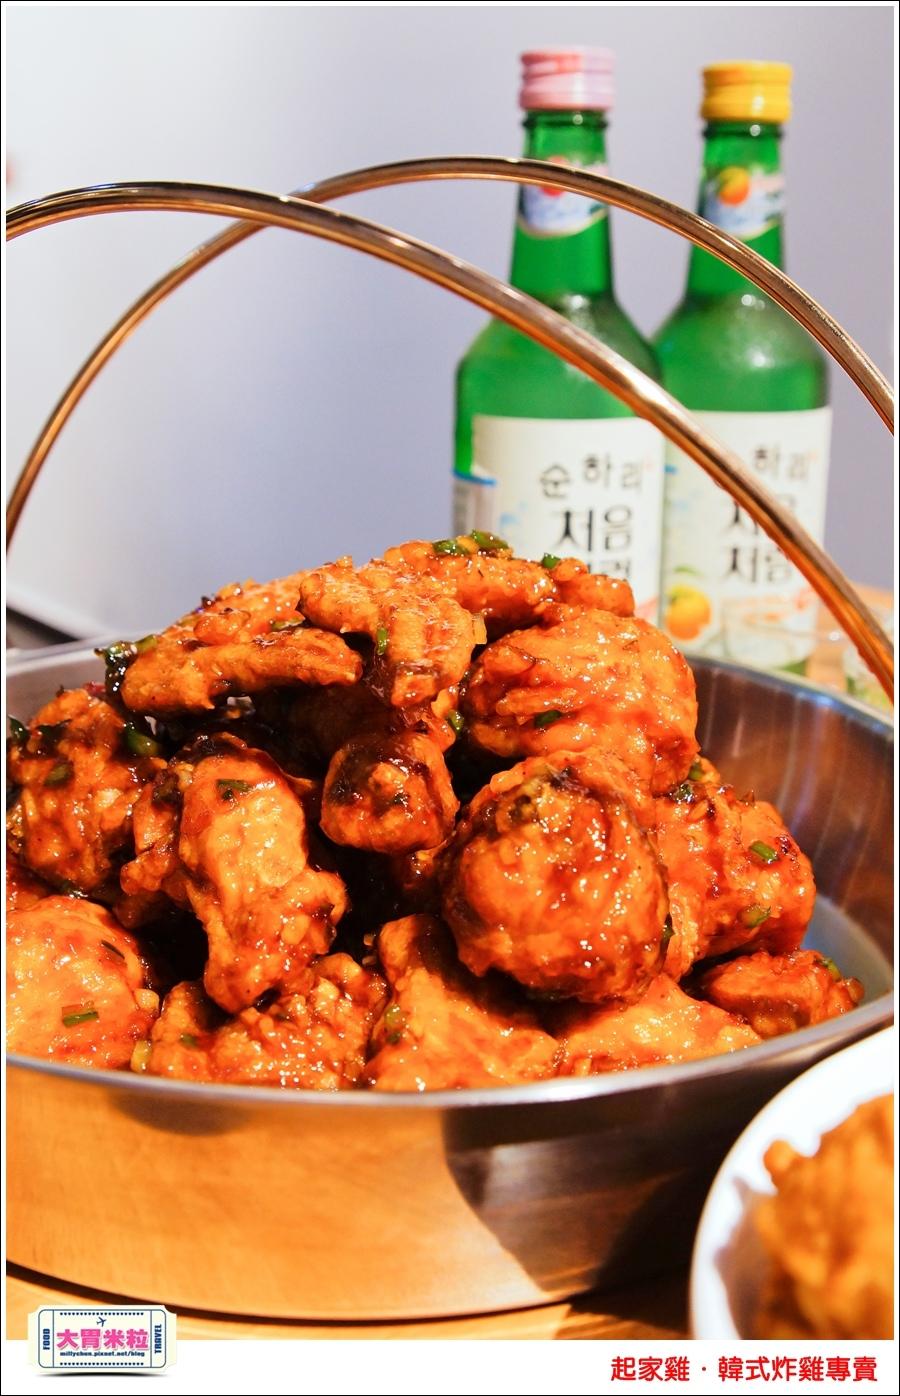 台北韓式炸雞推薦@起家雞Cheogajip哇樂炸雞@大胃米粒0042.jpg